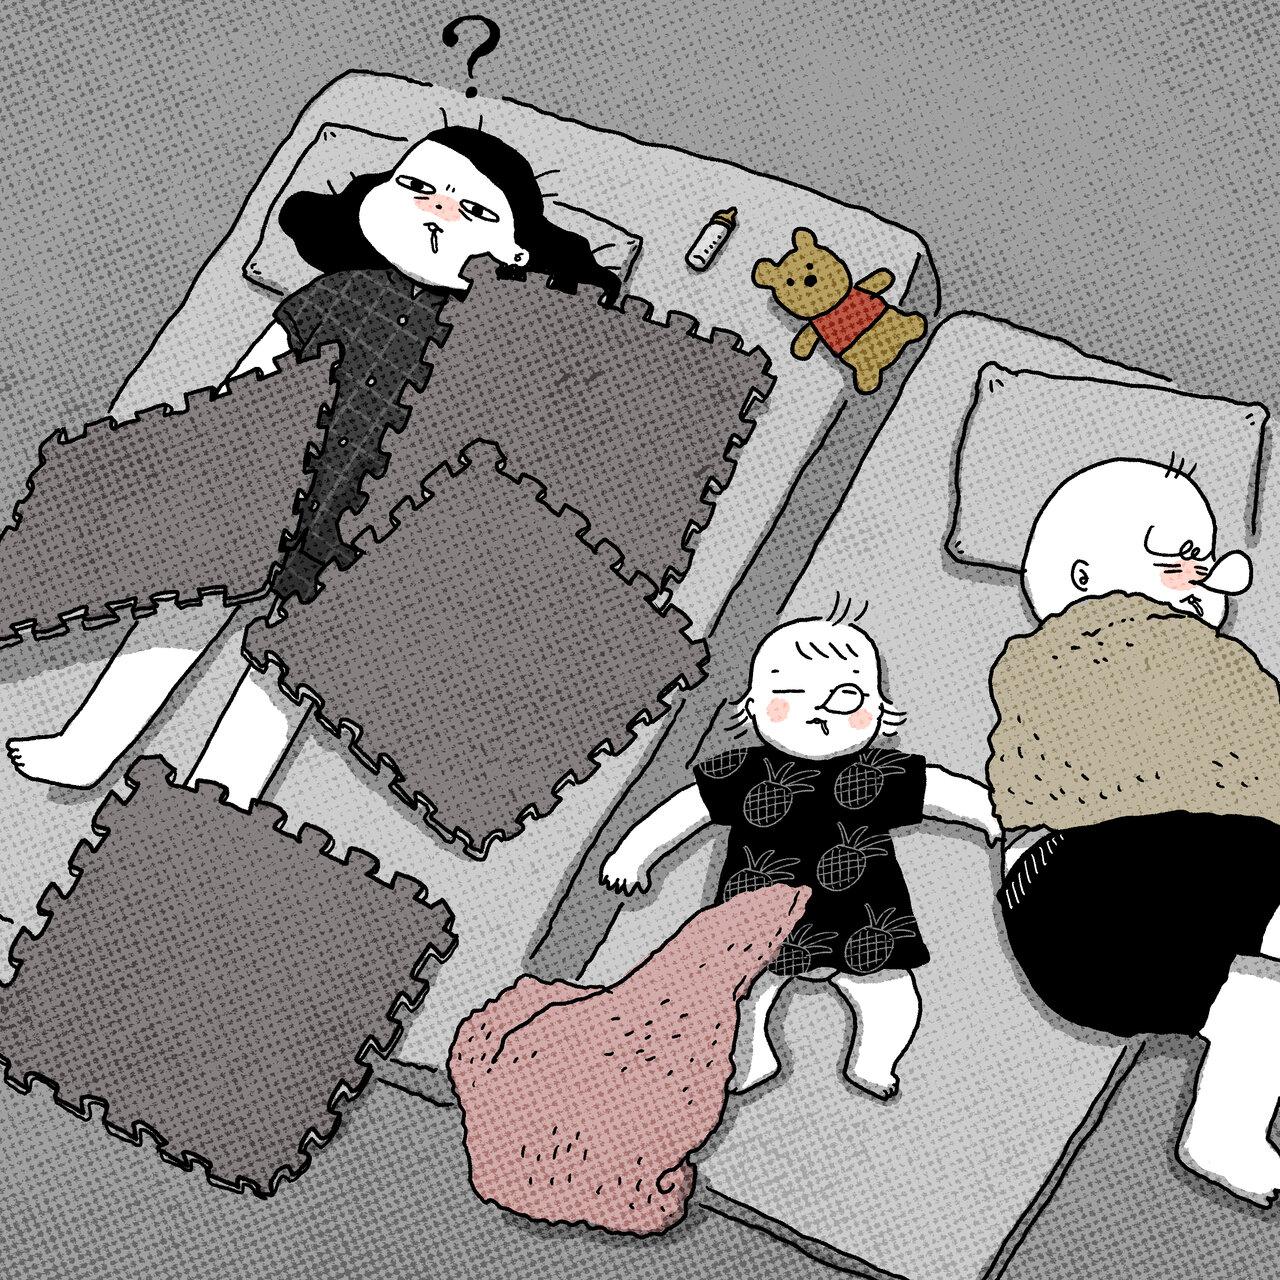 寝ている間に子どもにイタズラされていた(イラスト:やまだだり)